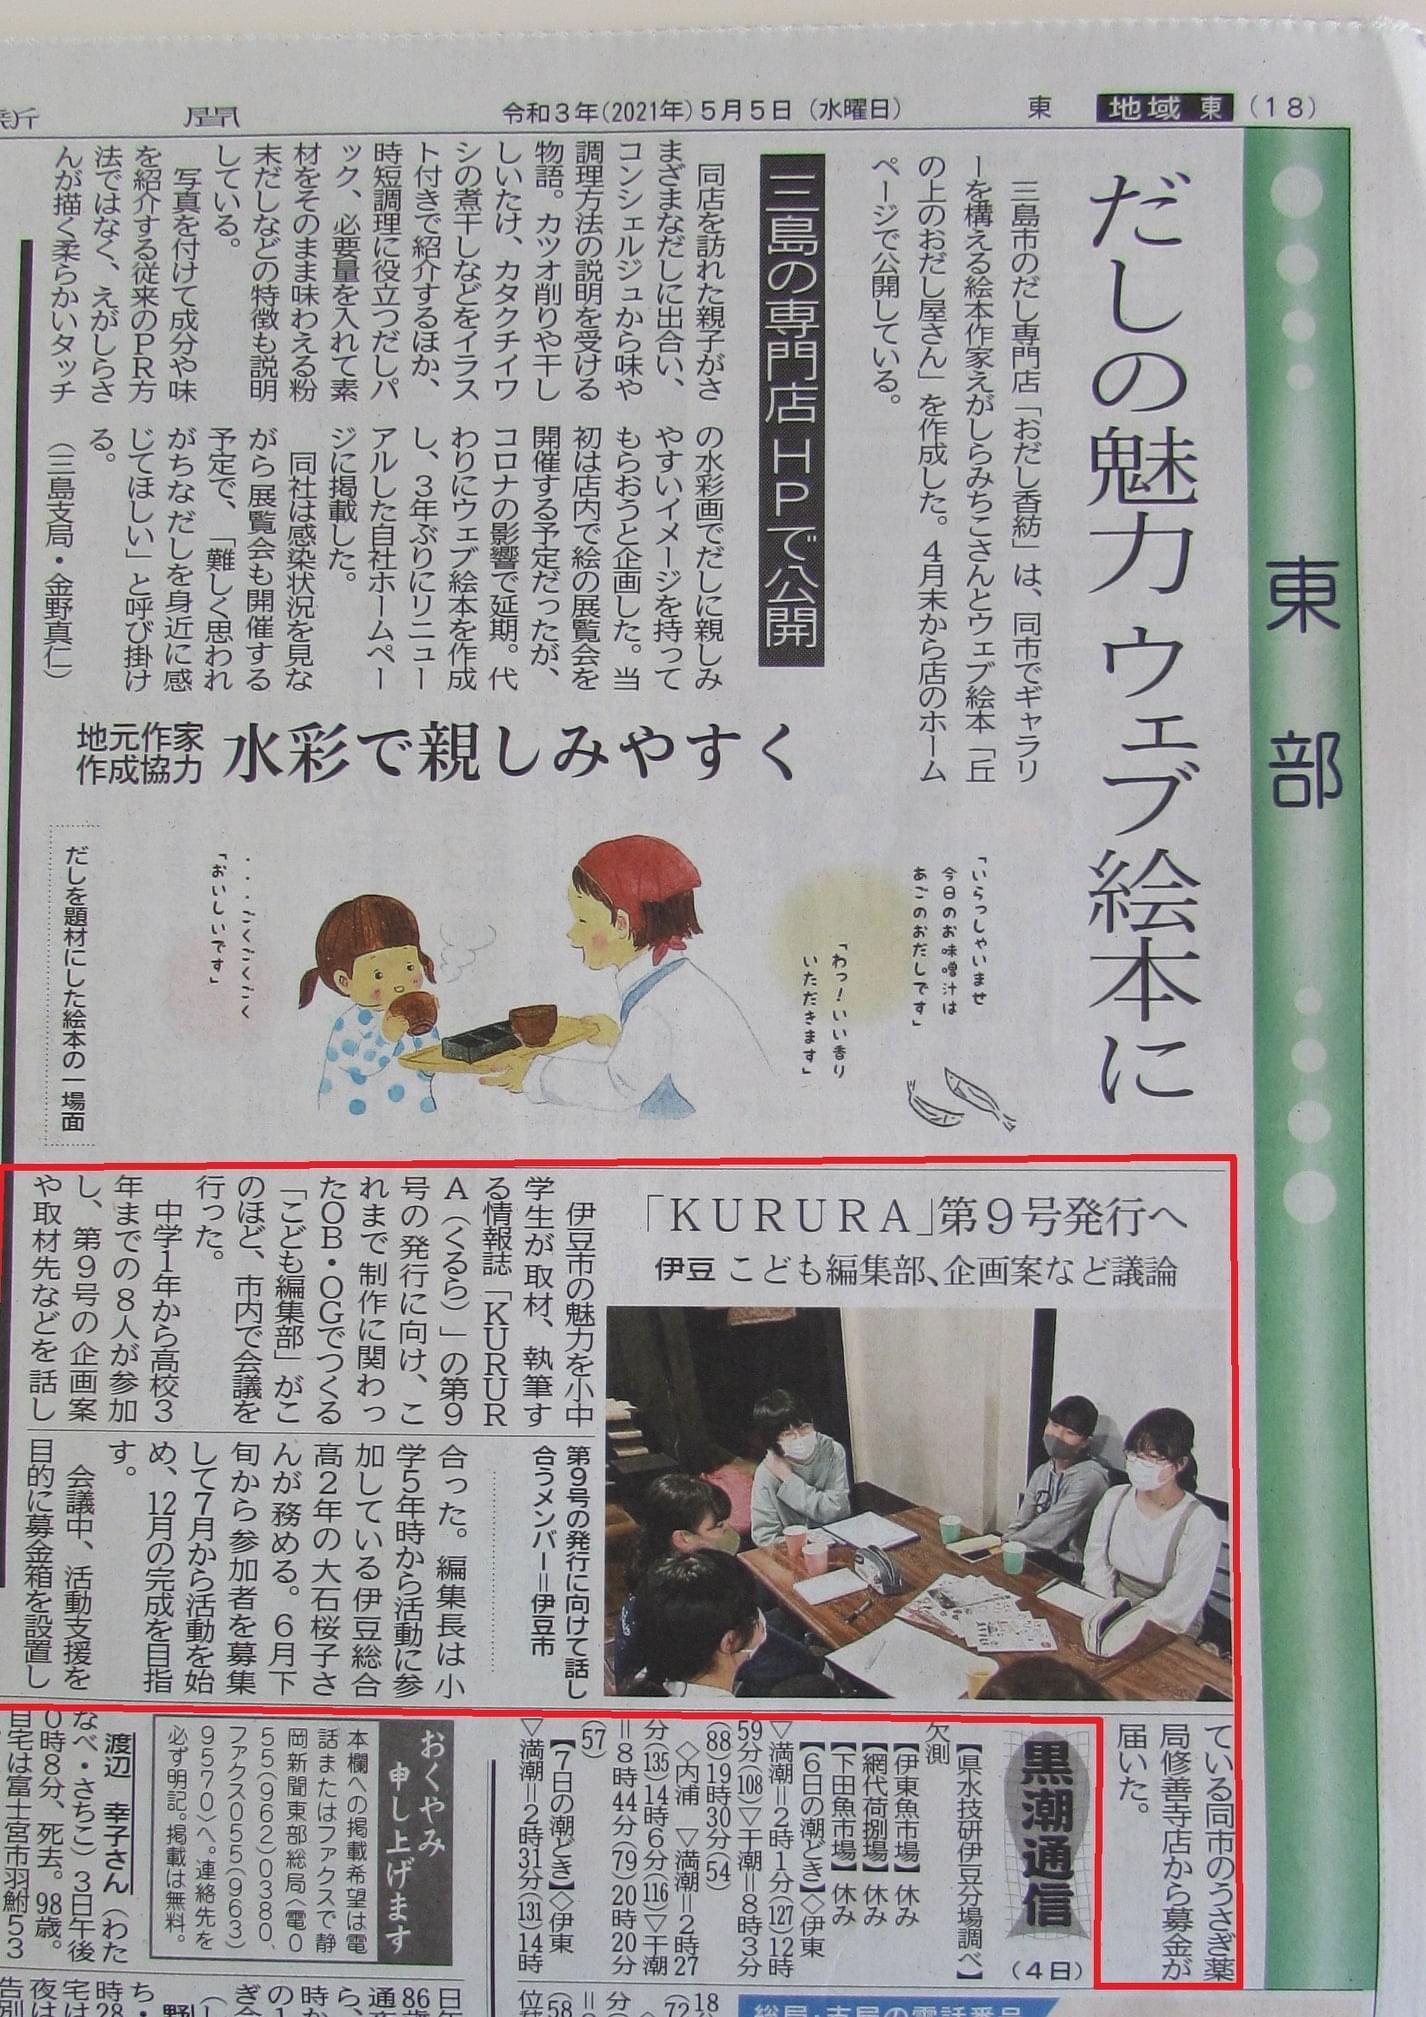 静岡新聞に当店舗の地域活動が紹介されました